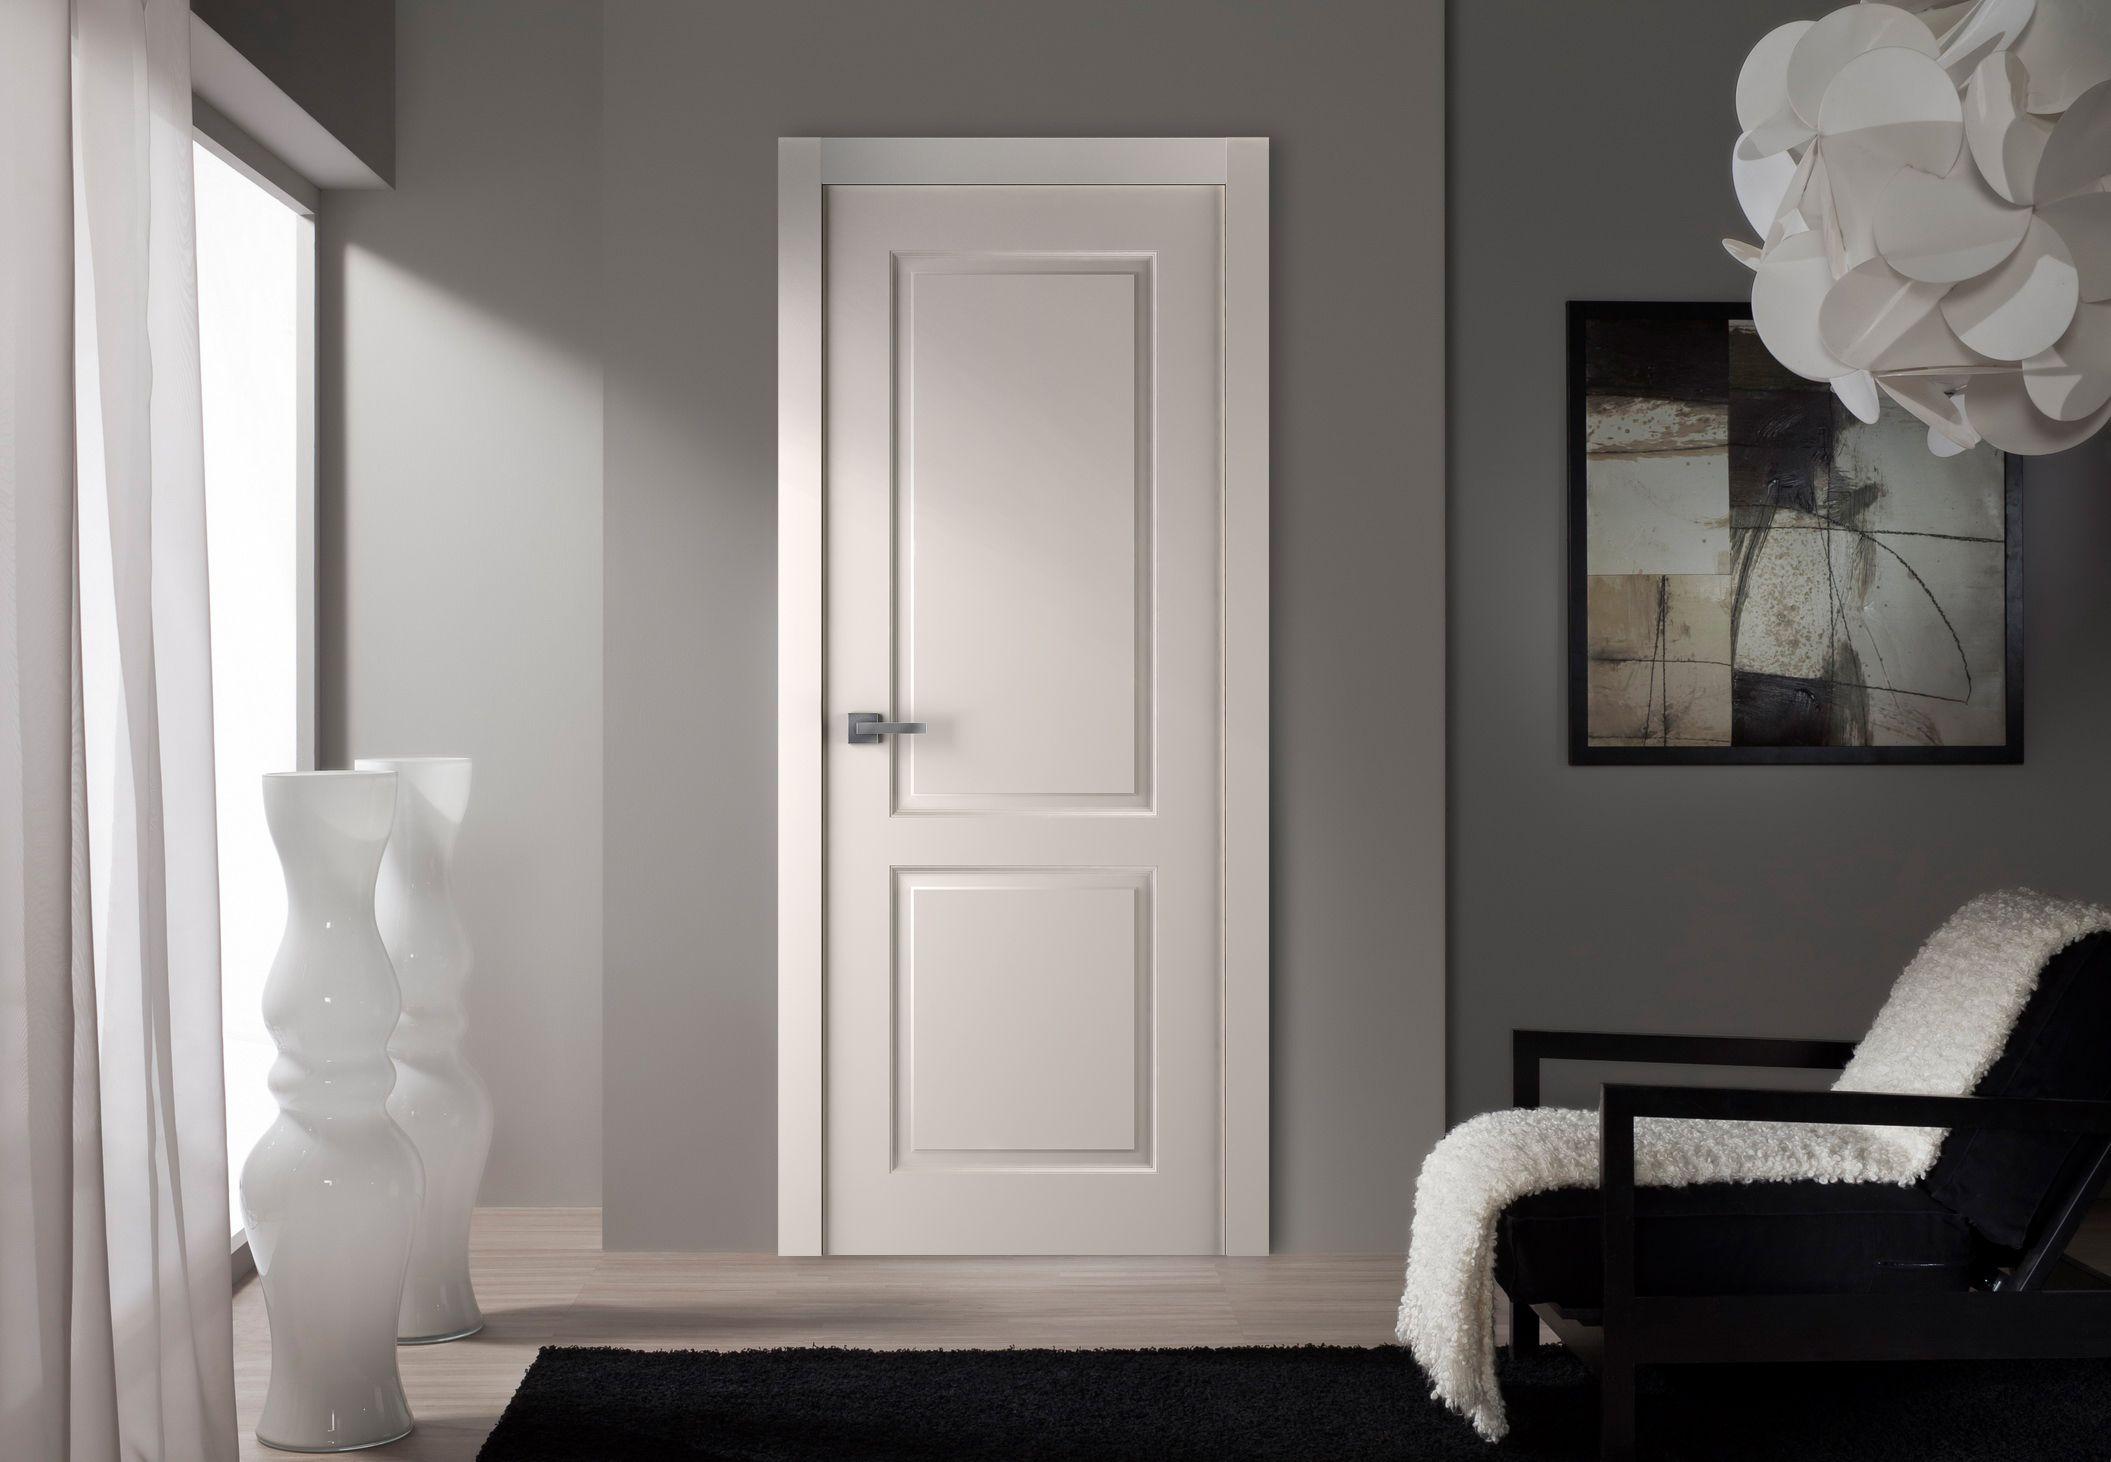 Разнообразие межкомнатных дверей: глухие, стеклянные, царговые и другие